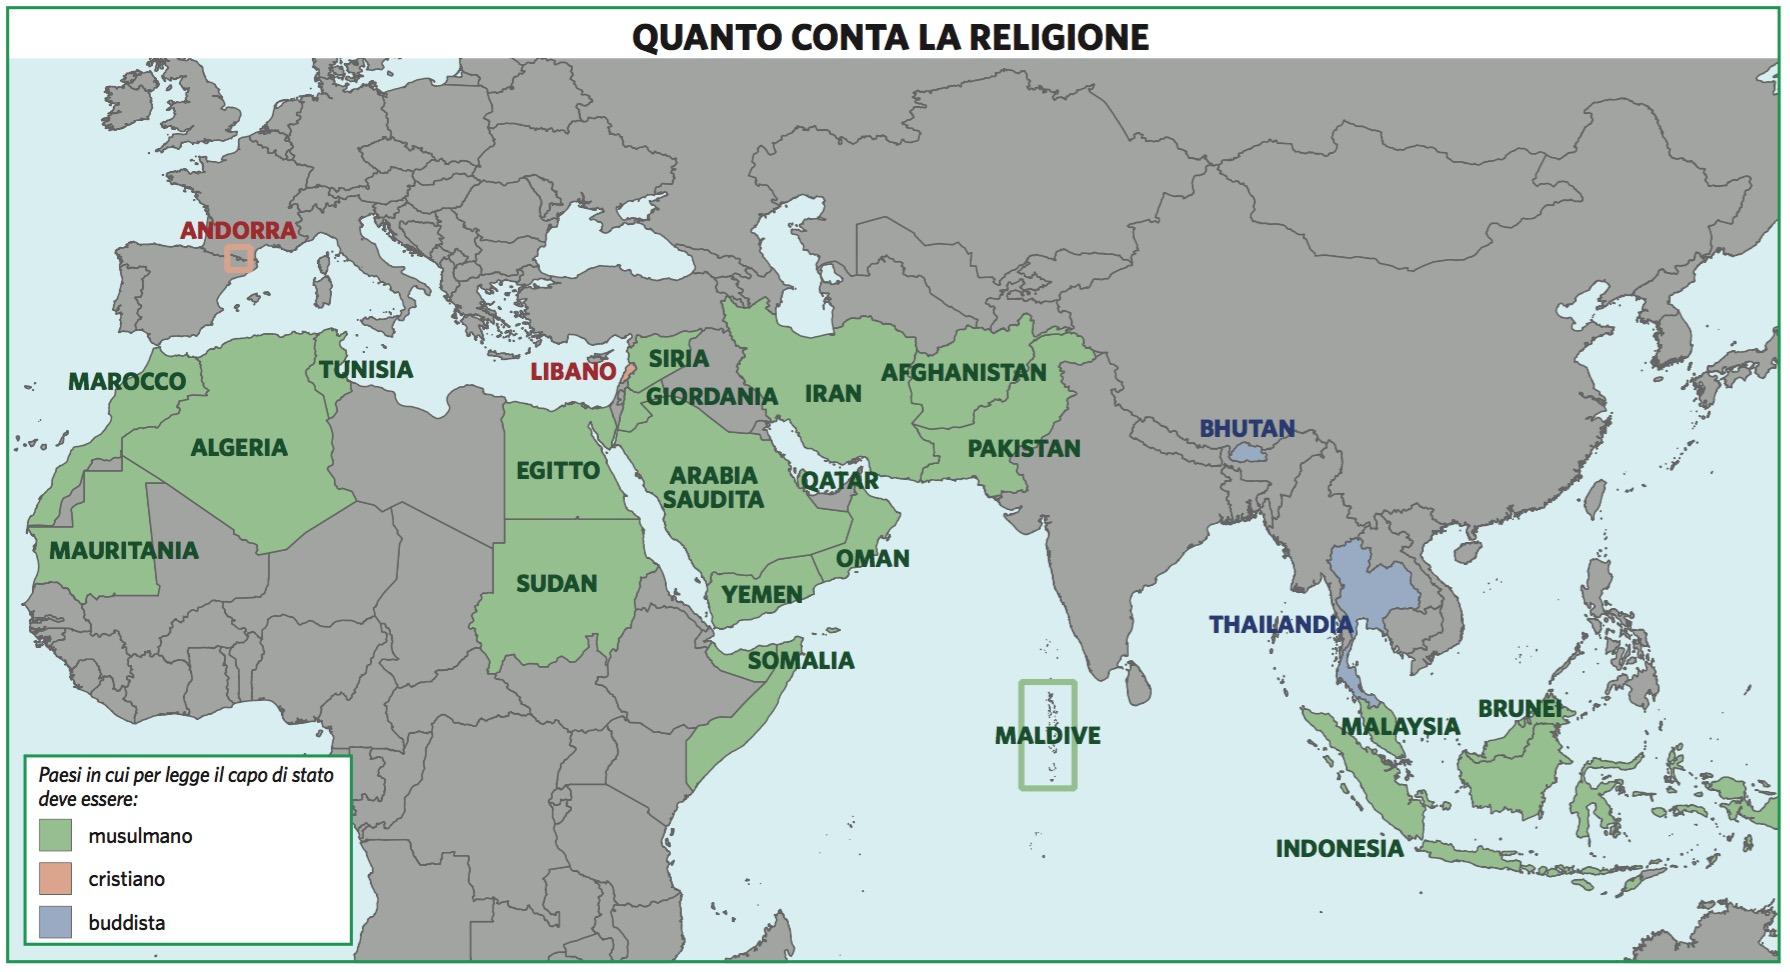 Cartina Europa E Medio Oriente.1916 2016 Come Cambia Il Medio Oriente A Cent Anni Da Sykes Picot In Atlante Geopolitico